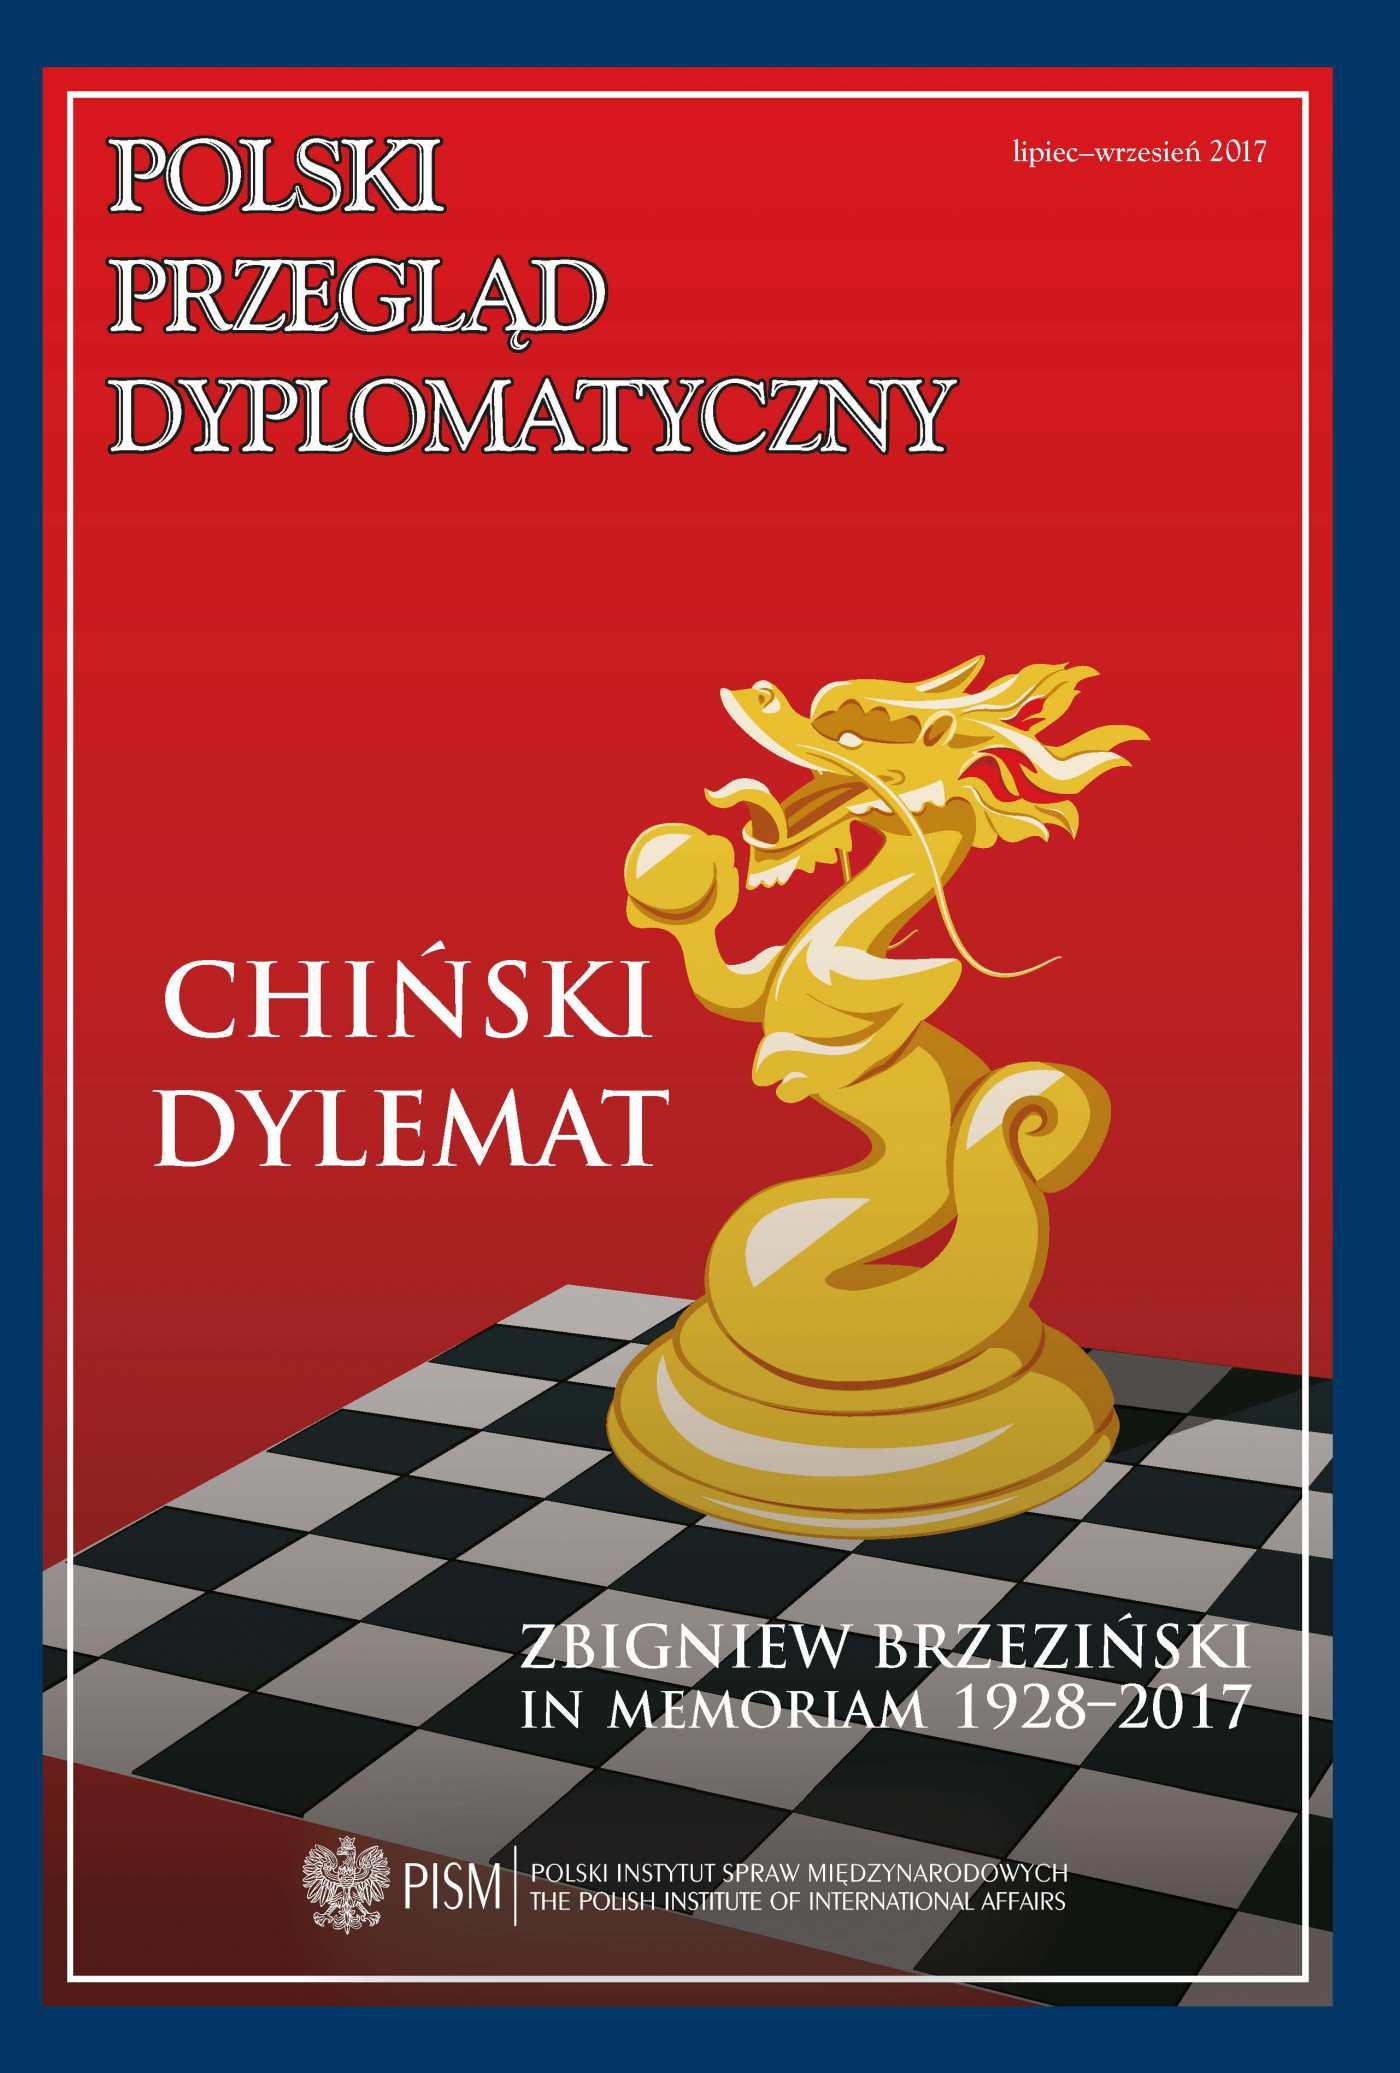 Polski Przegląd Dyplomatyczny, nr 3/ 2017 - Ebook (Książka PDF) do pobrania w formacie PDF